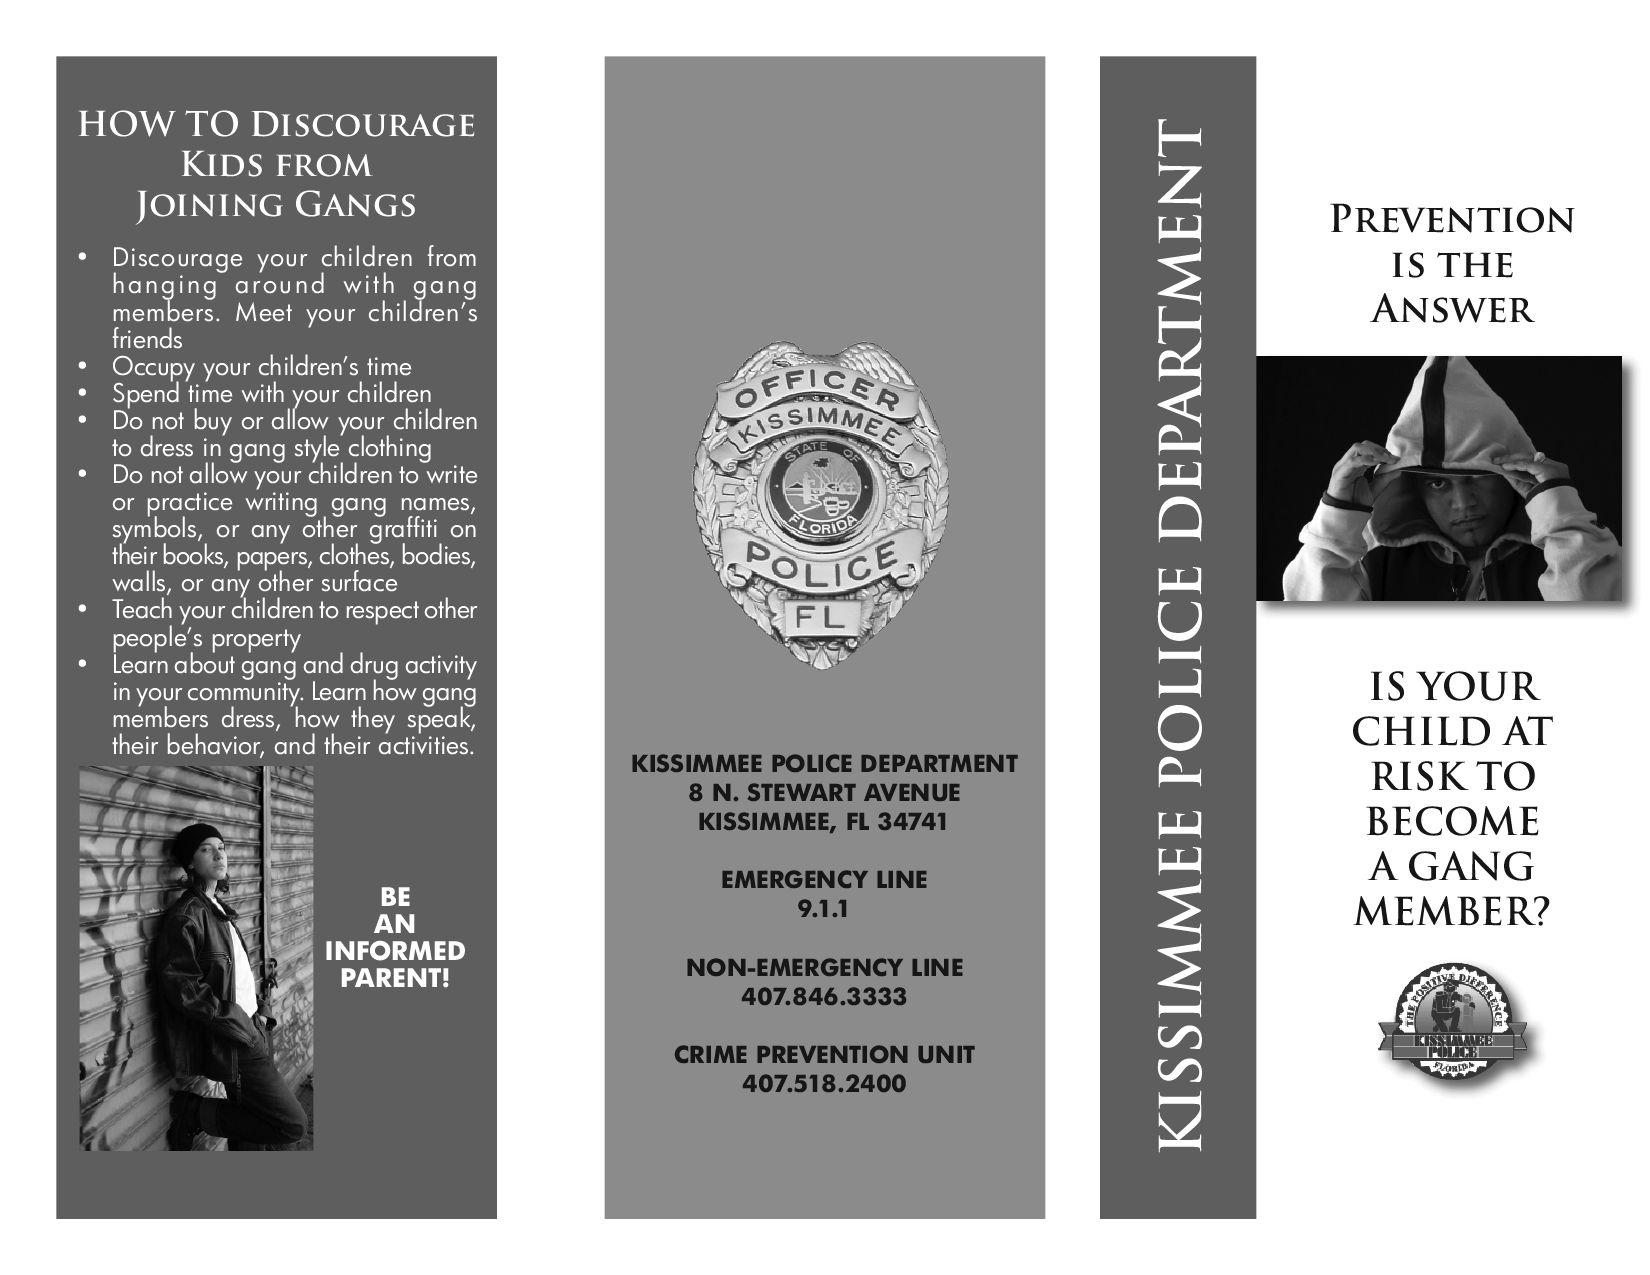 Gang Prevention Brochure By Frank Iwanski Issuu